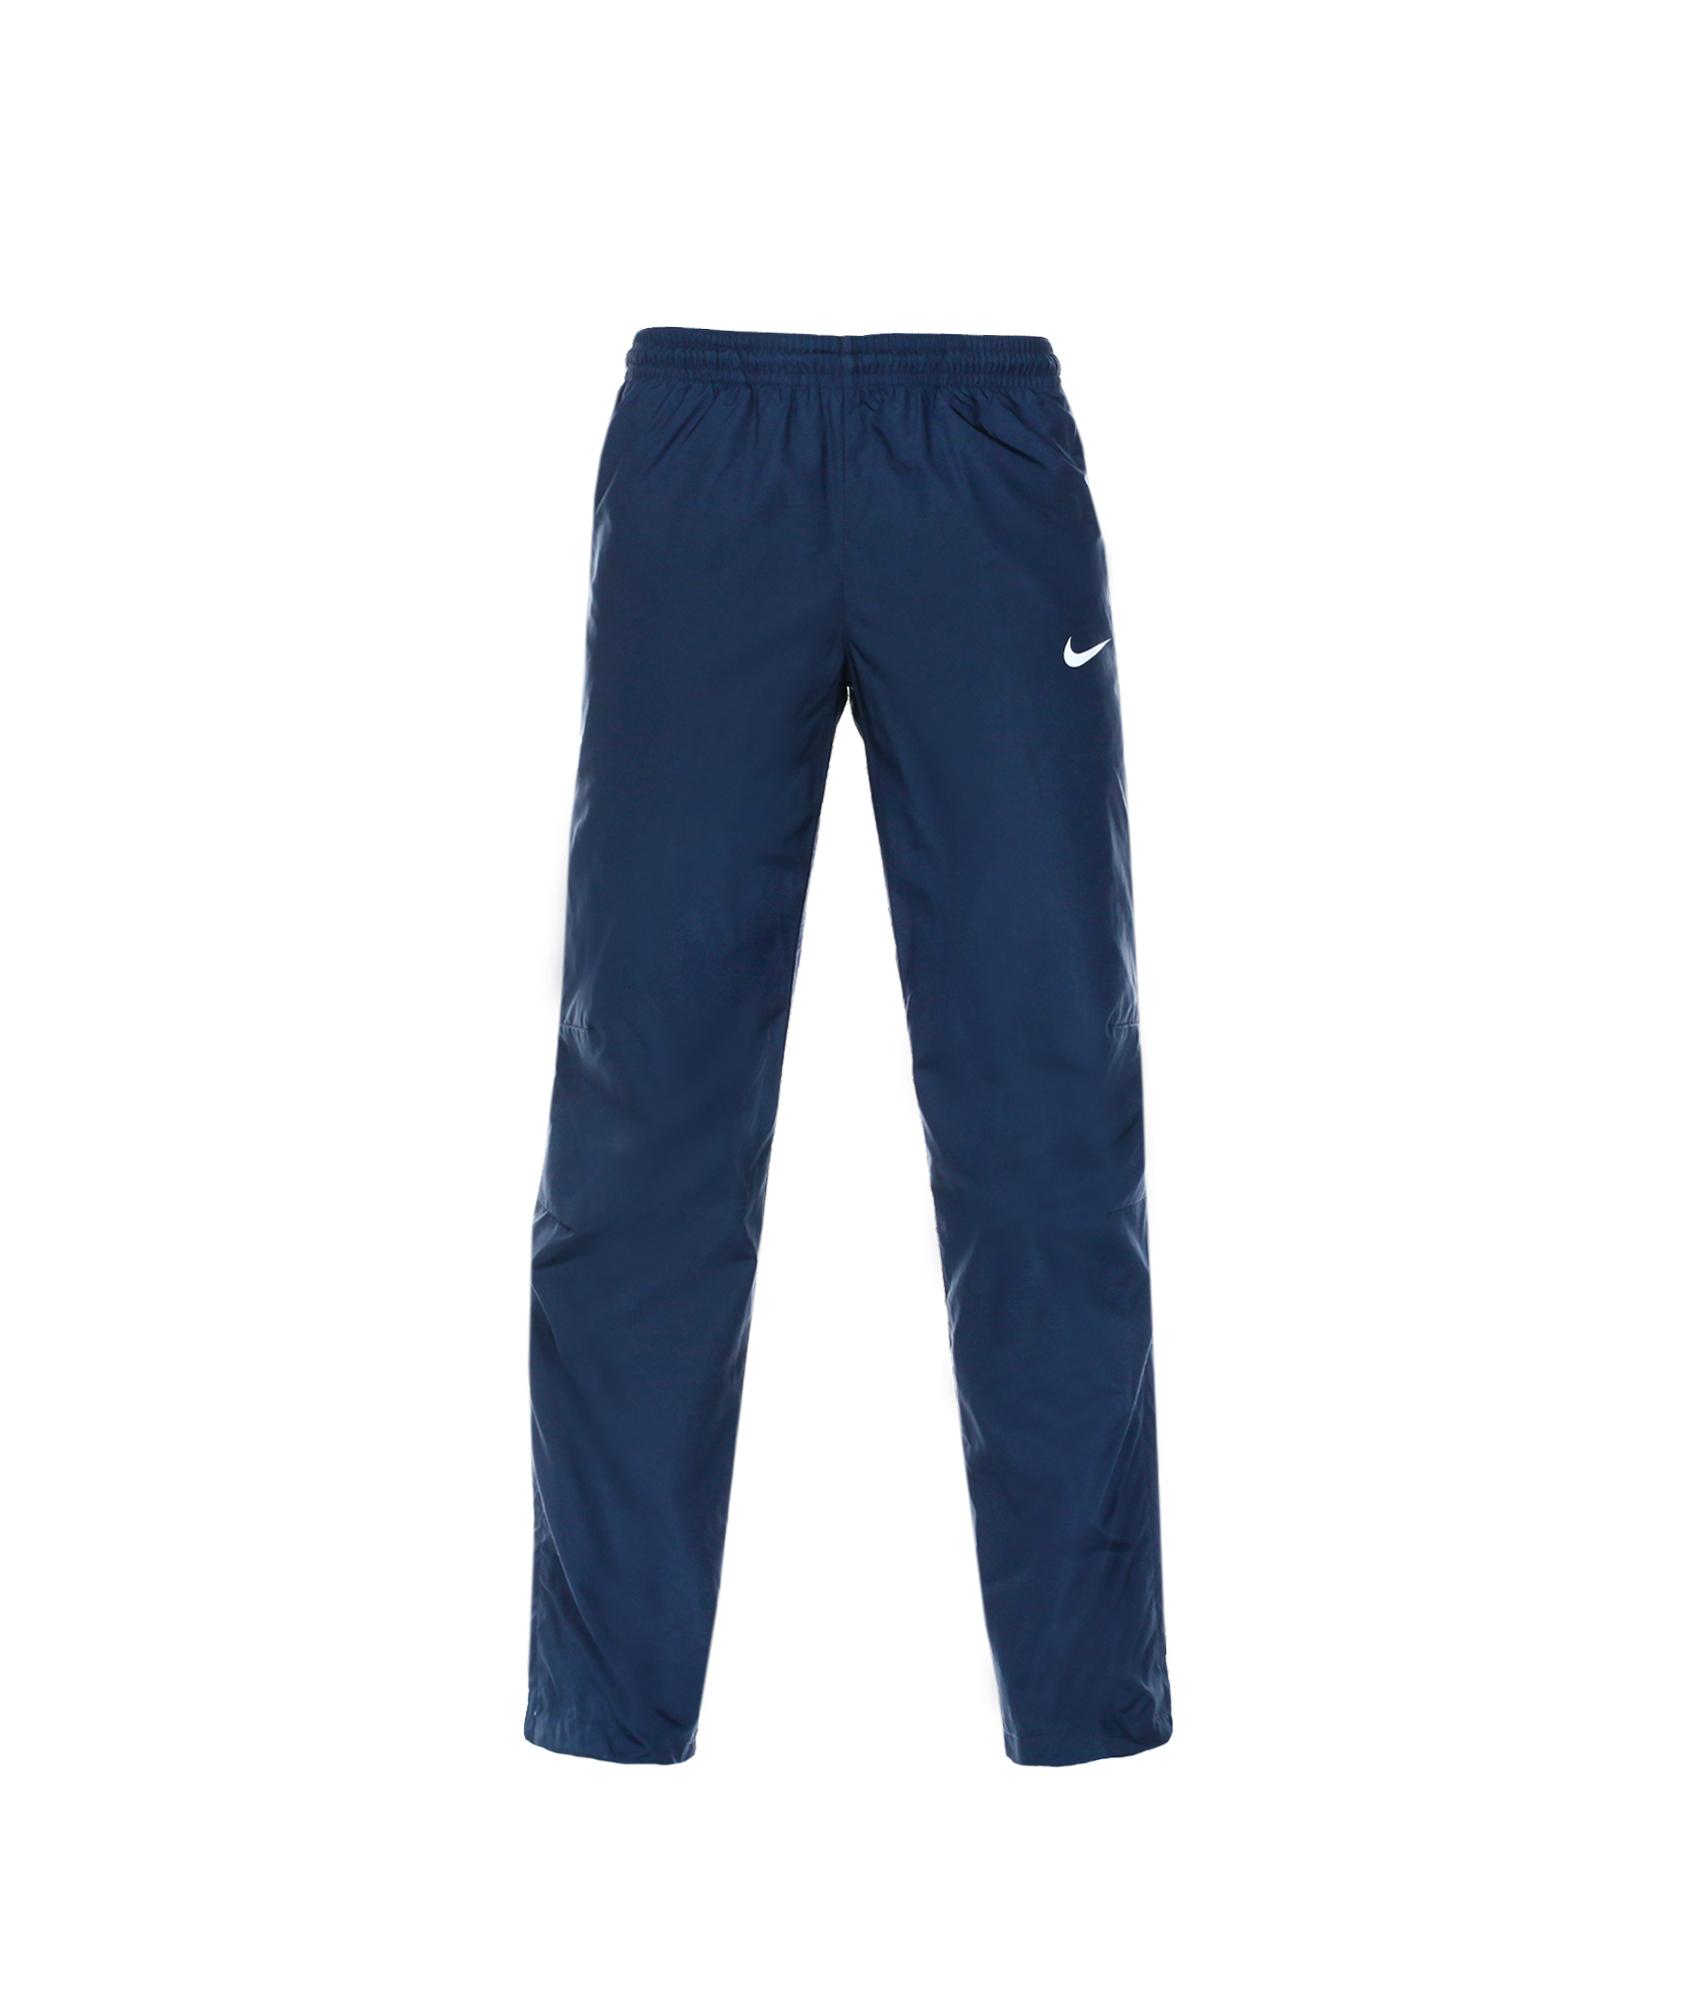 Брюки Nike SIDELINE WVN PANT WP WZ, Цвет-Синий, Размер-S